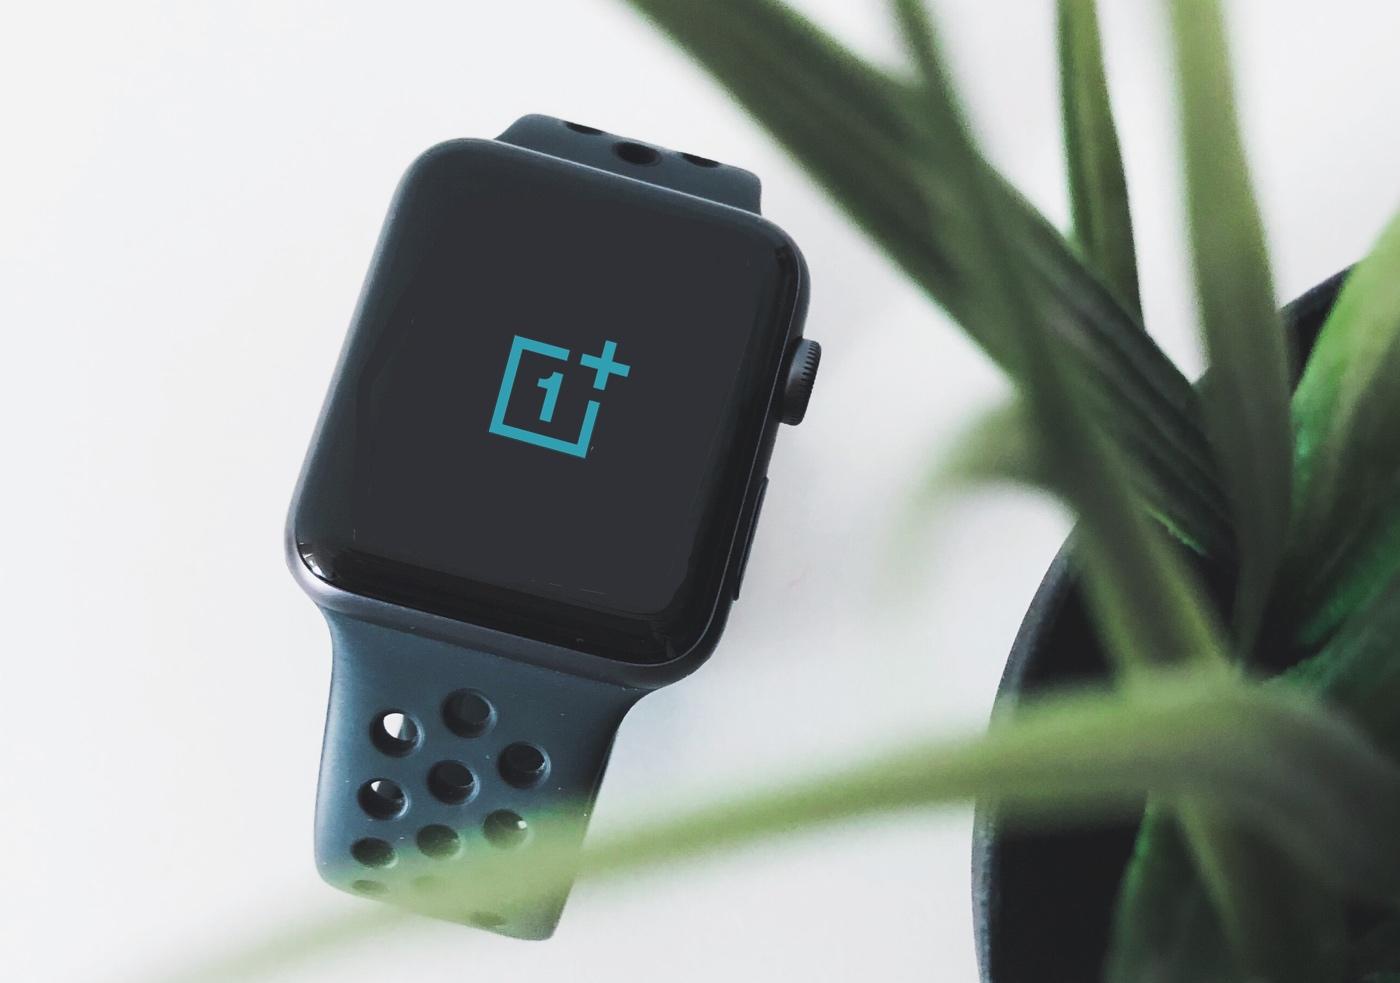 OnePlus préparerait une montre connectée et son lancement serait imminent